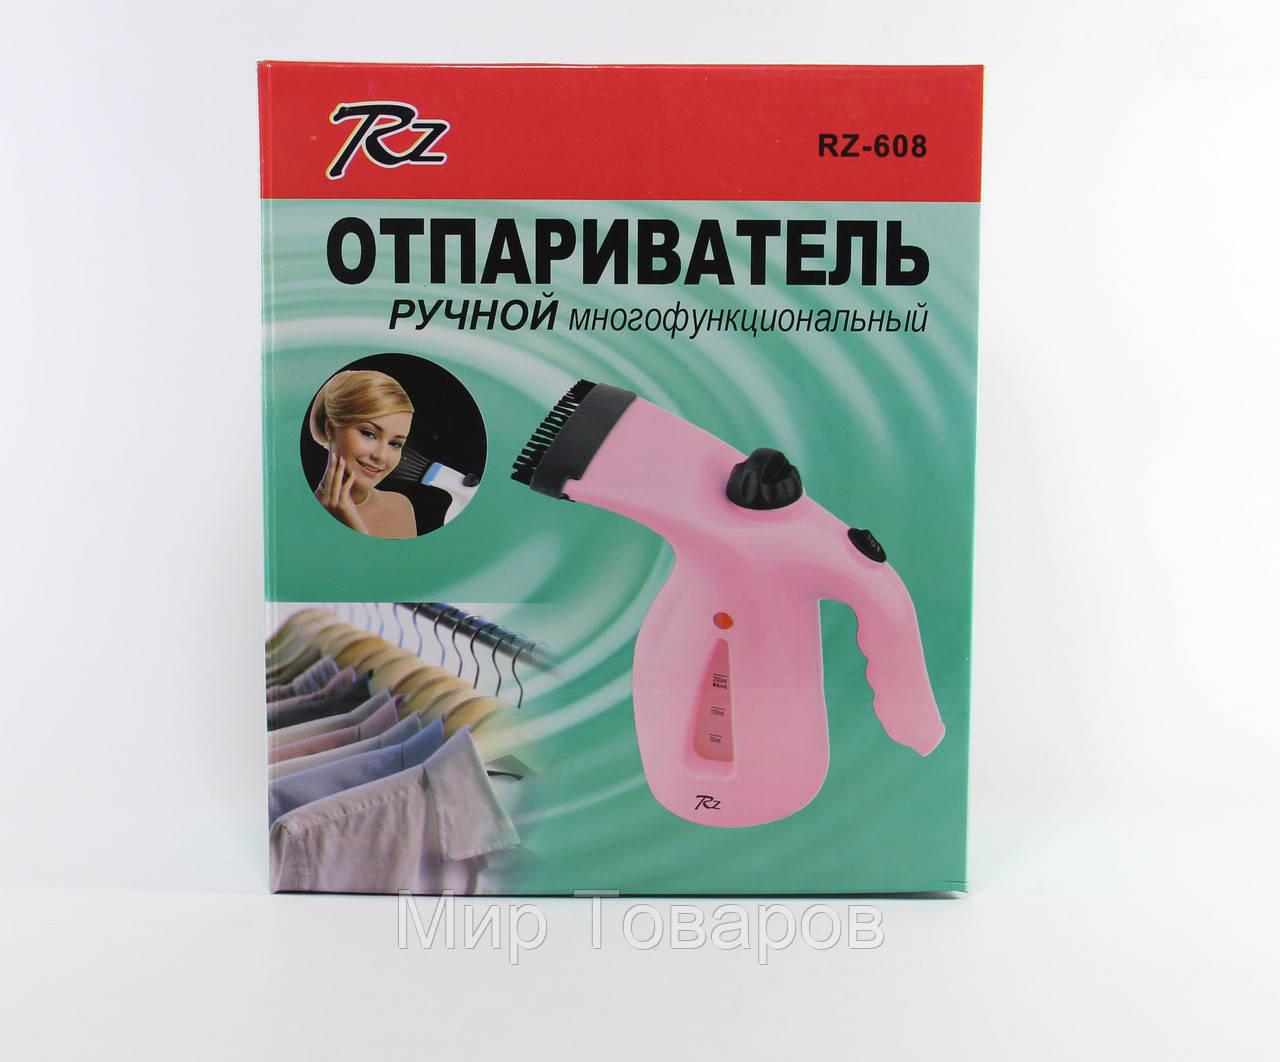 Техніка ручної RZ 608 (20)